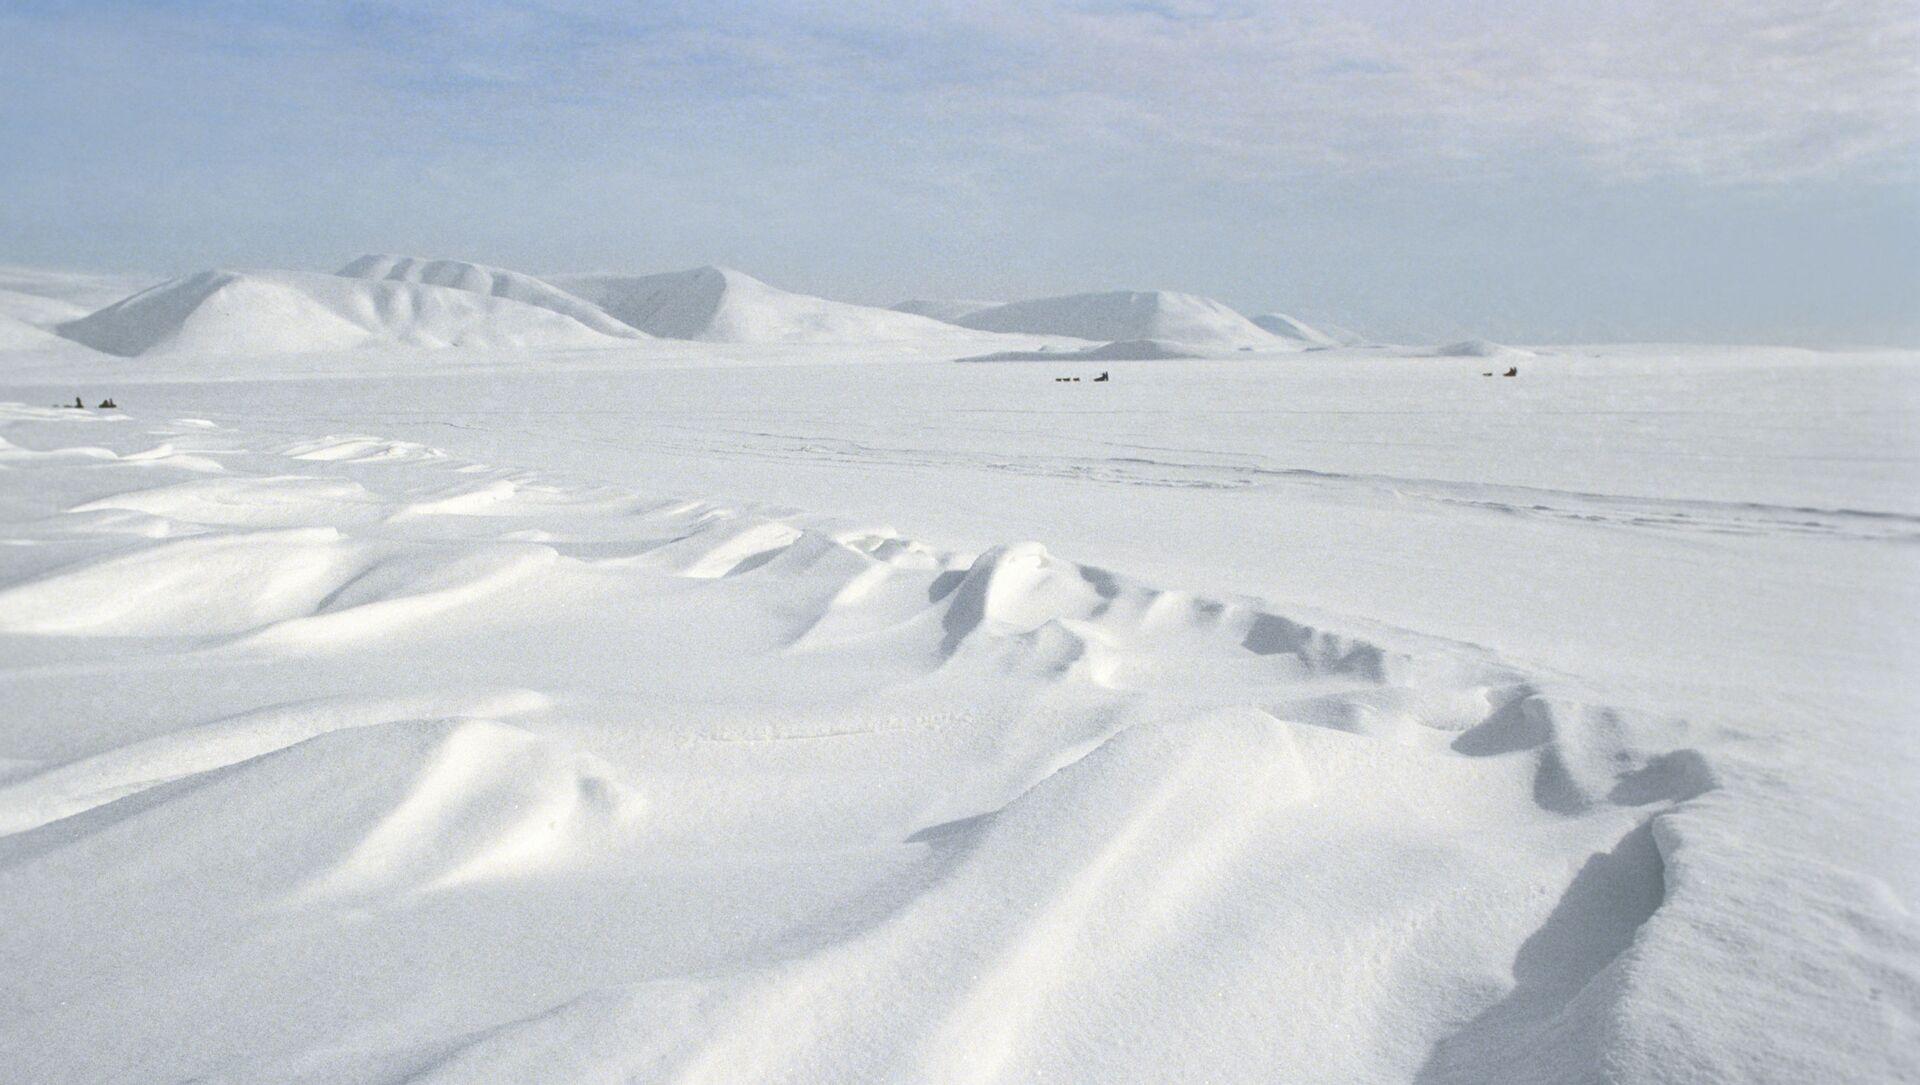 La spedizione congiunta del 1989 durò 2 mesi e percorse quasi 2mila km tra Chukotka e Alaska - Sputnik Italia, 1920, 14.04.2021